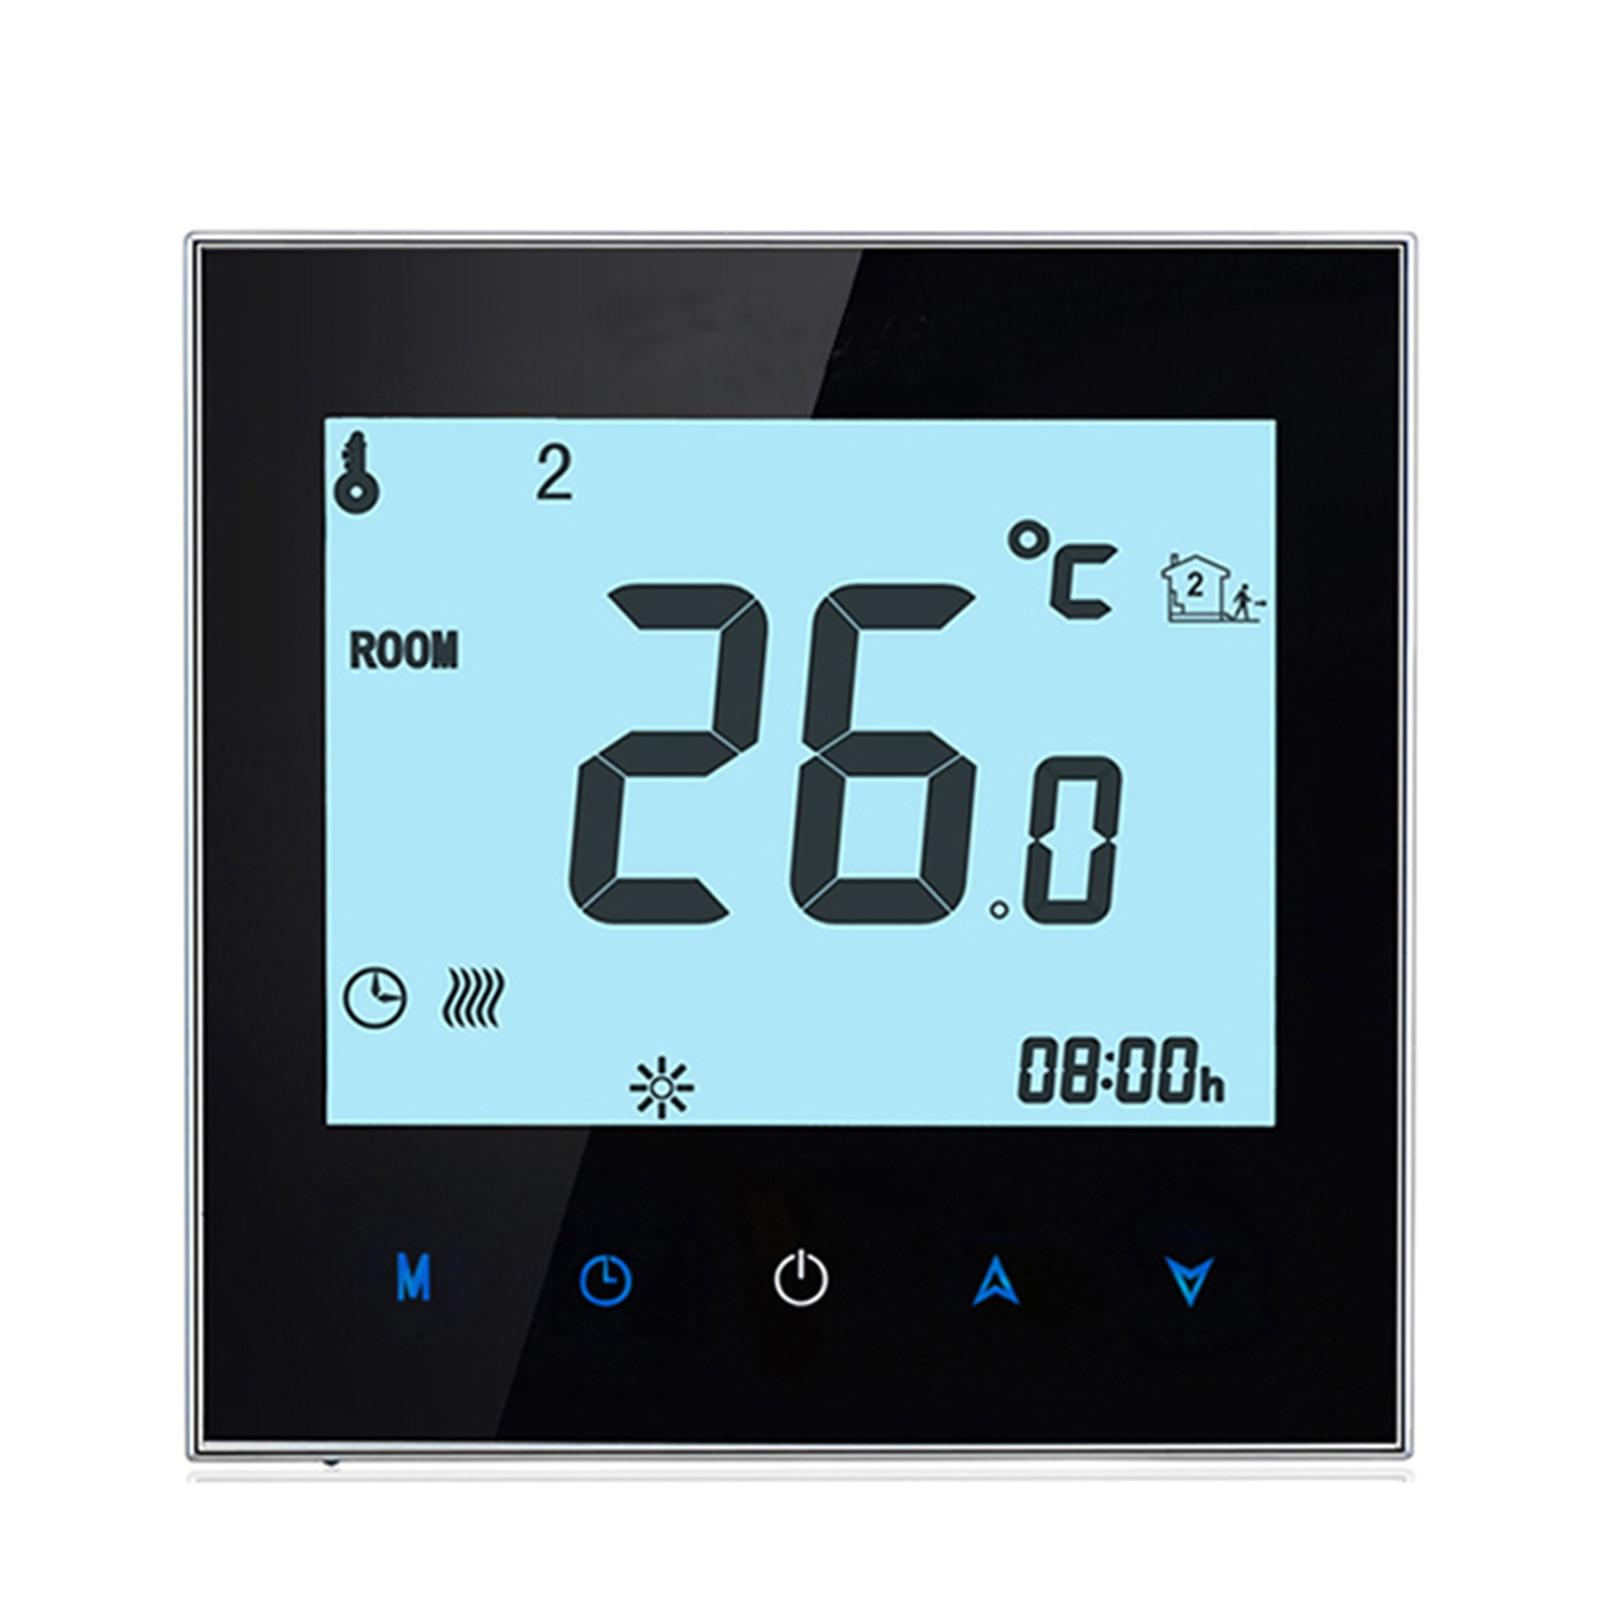 ترموستات منزلي قابل للبرمجة مع واي فاي للمياه والغاز ، ترموستات ذكي بشاشة تعمل باللمس مع تطبيق وتحكم صوتي